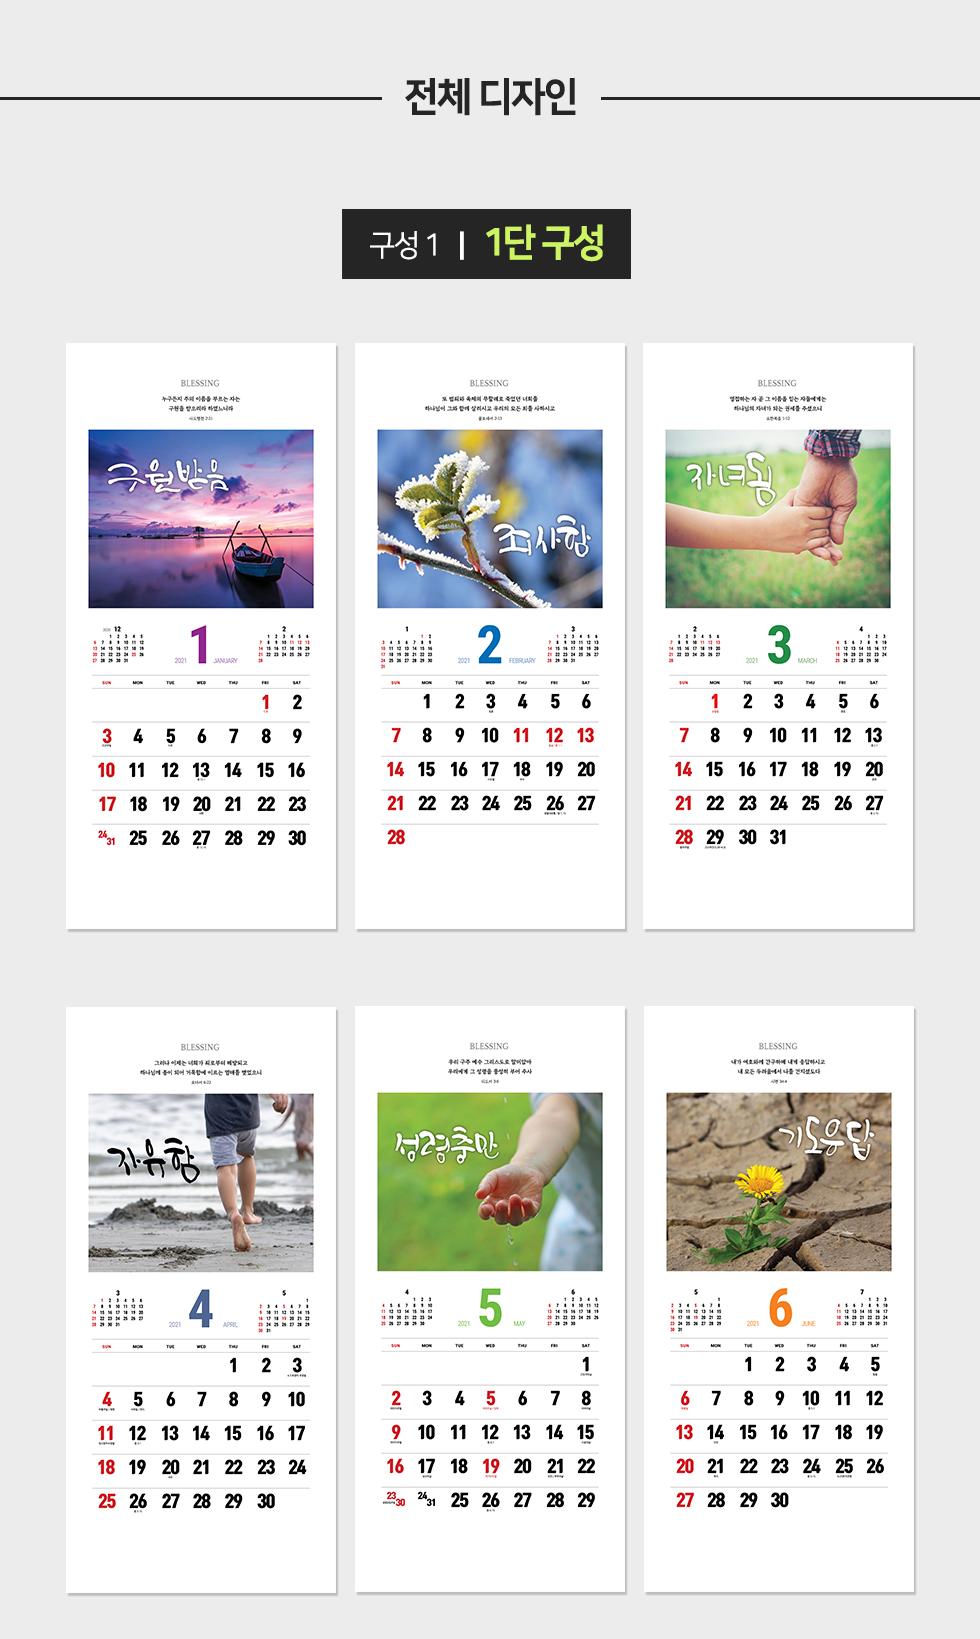 2021년 벽걸이달력 축복 Blessing - 구성1)1단구성 전체디자인 1월부터 6월까지